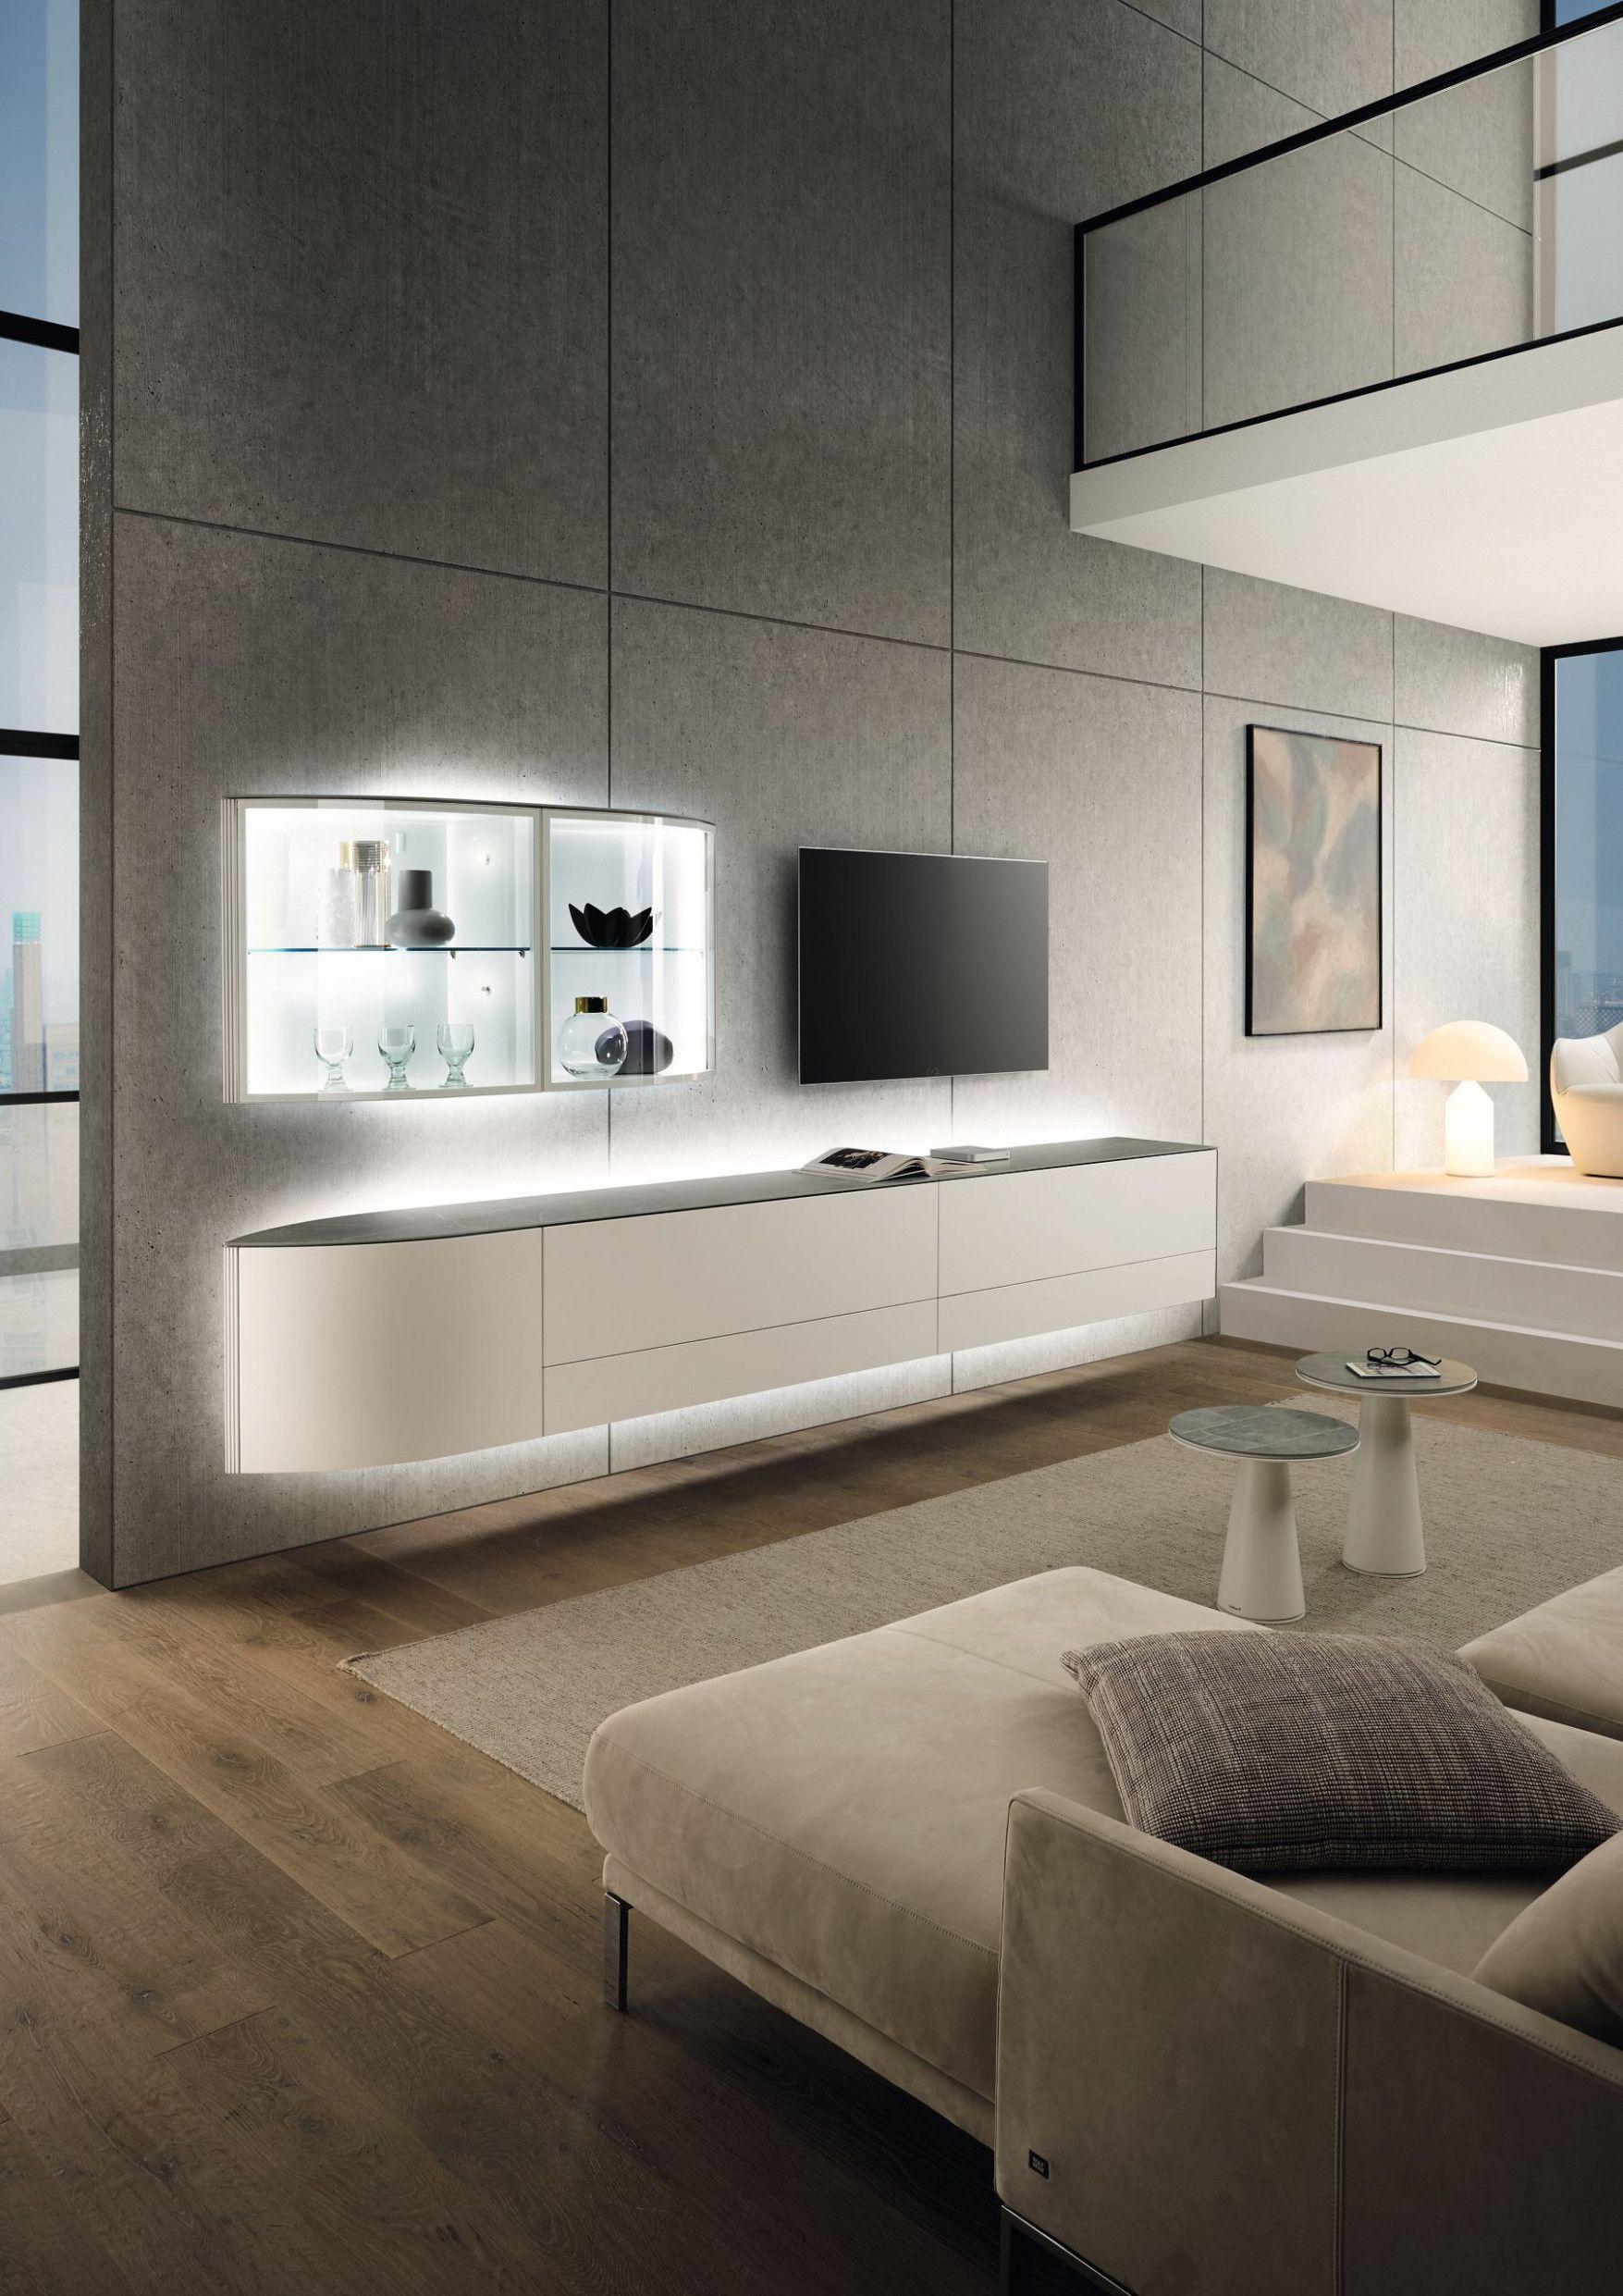 8 Hülsta Wohnzimmer Schrank in 8  Wohnwand modern, Hülsta